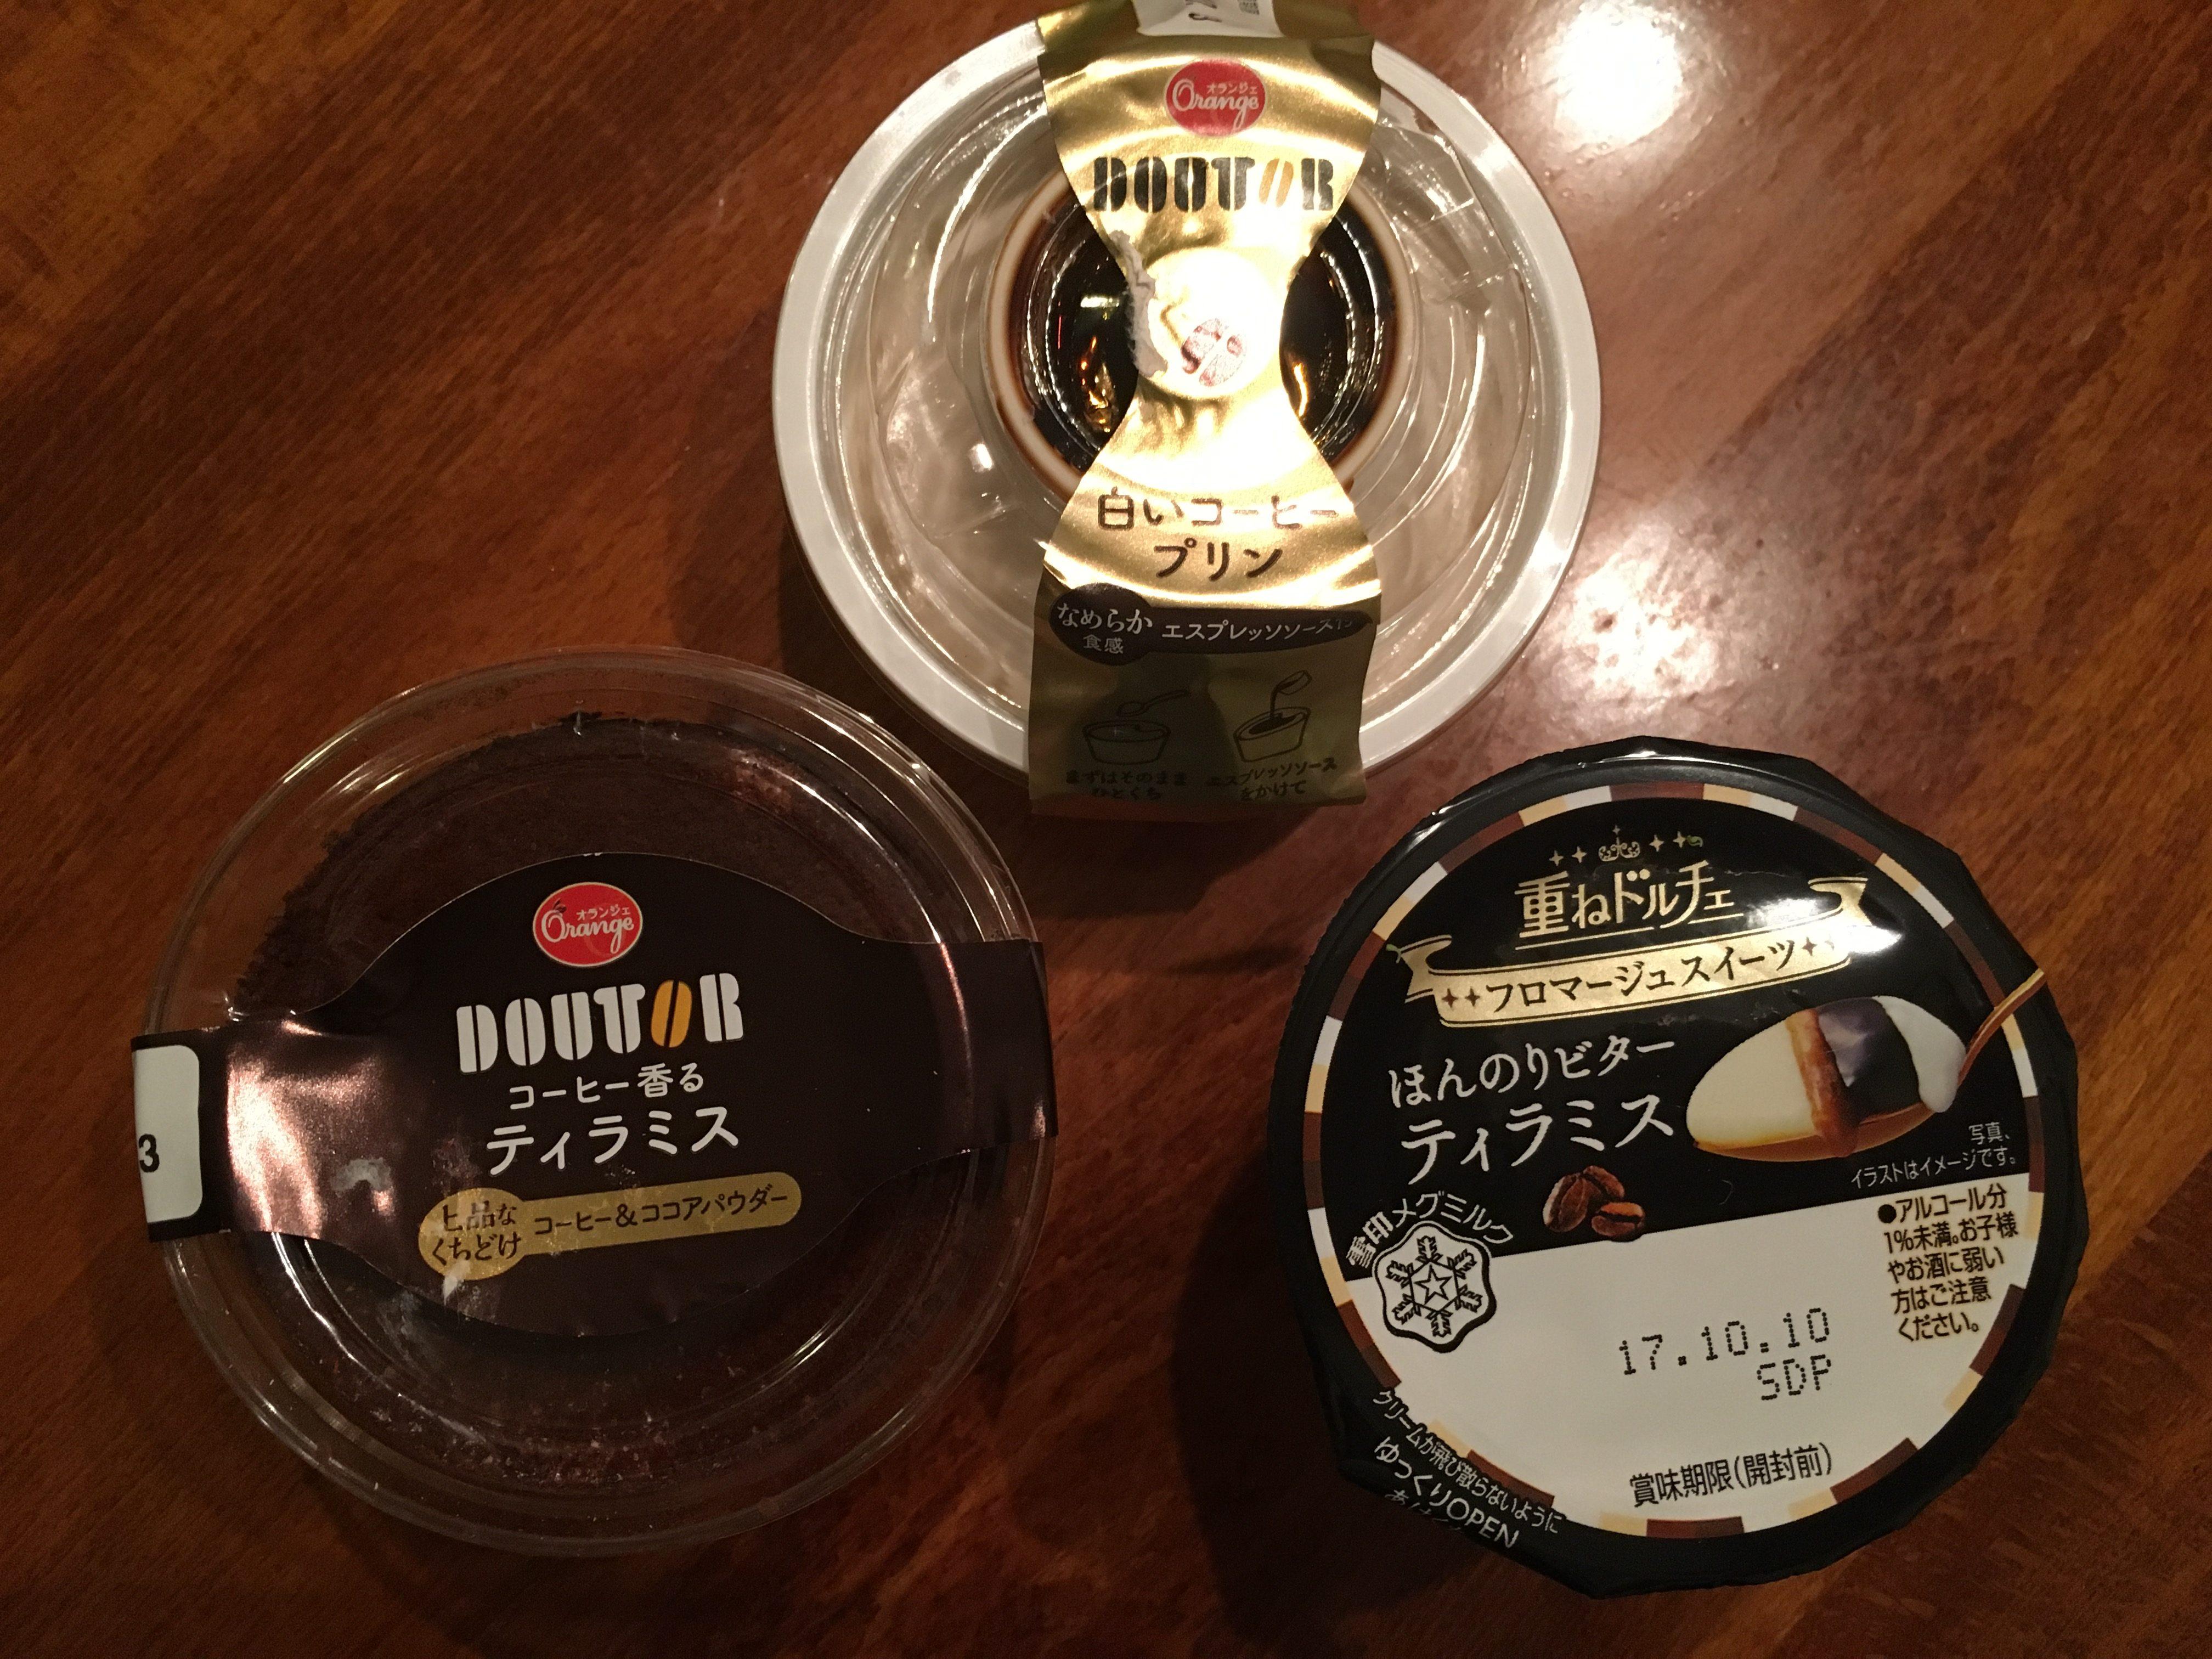 【ドトールコーヒー】ティラミスと白いコーヒープリンは香り豊かなスイーツ!